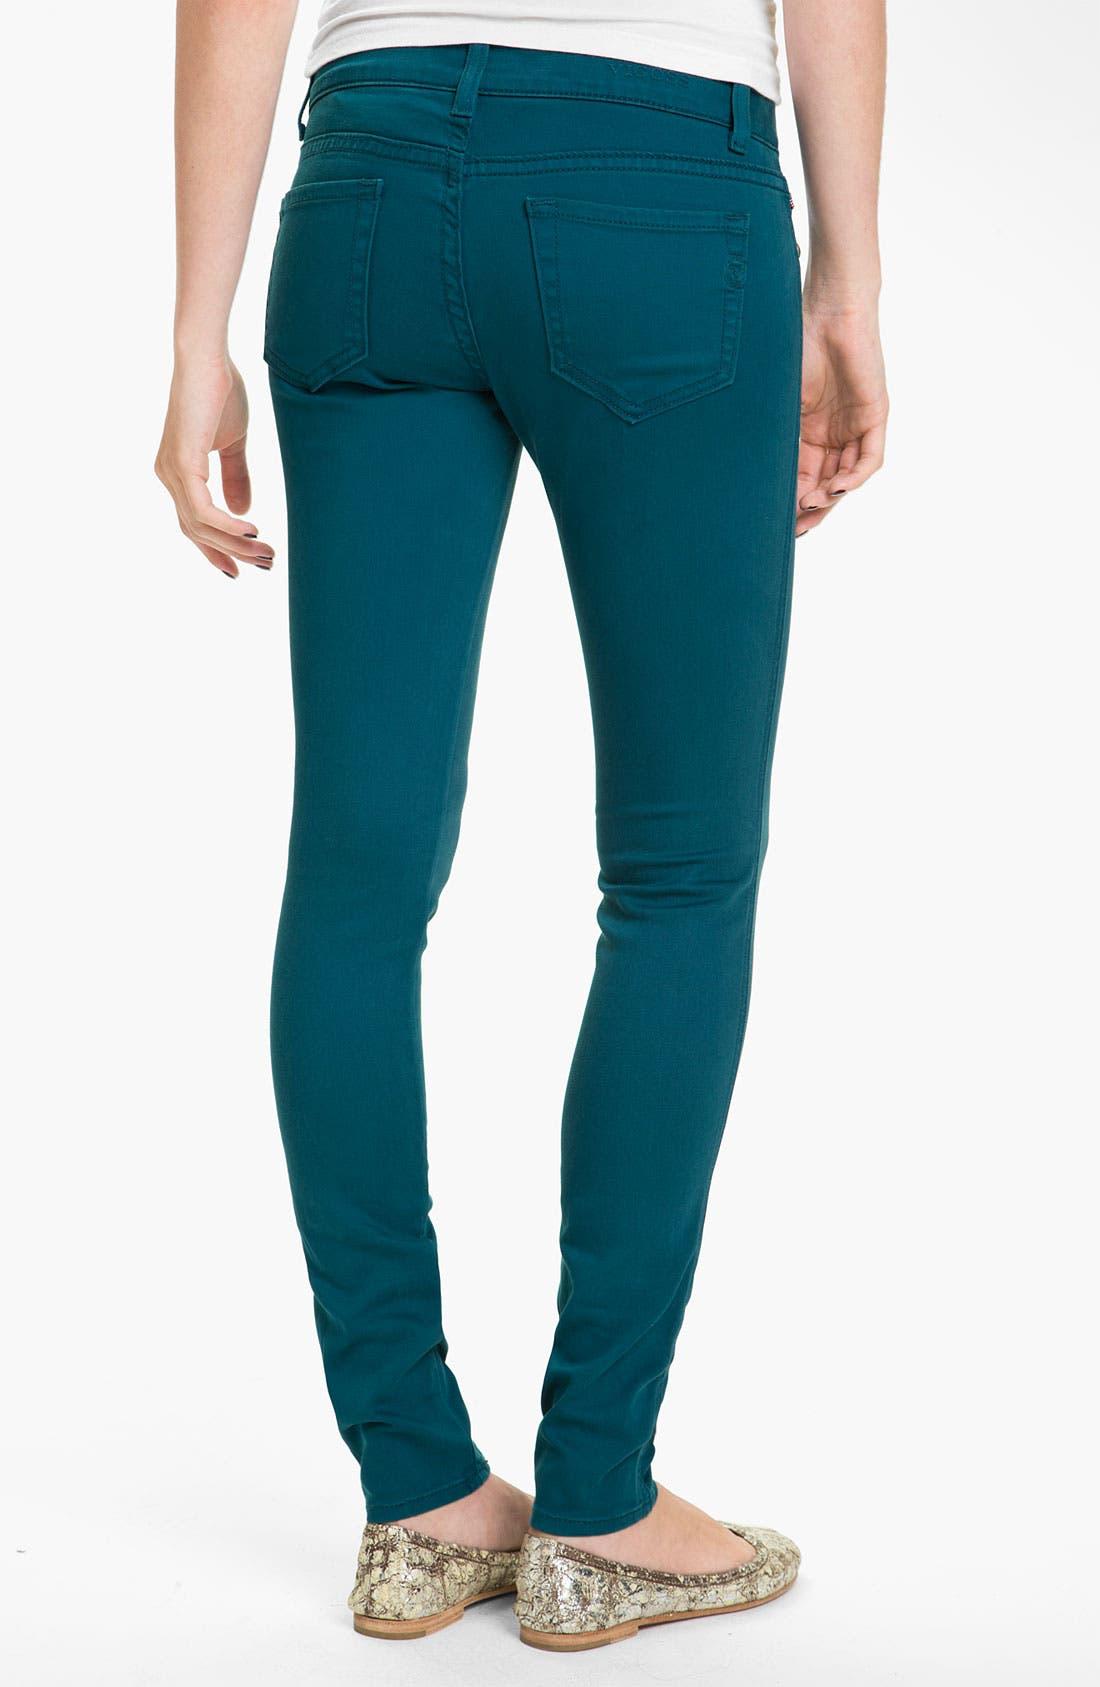 Alternate Image 1 Selected - Vigoss Color Skinny Jeans (Teal) (Juniors)